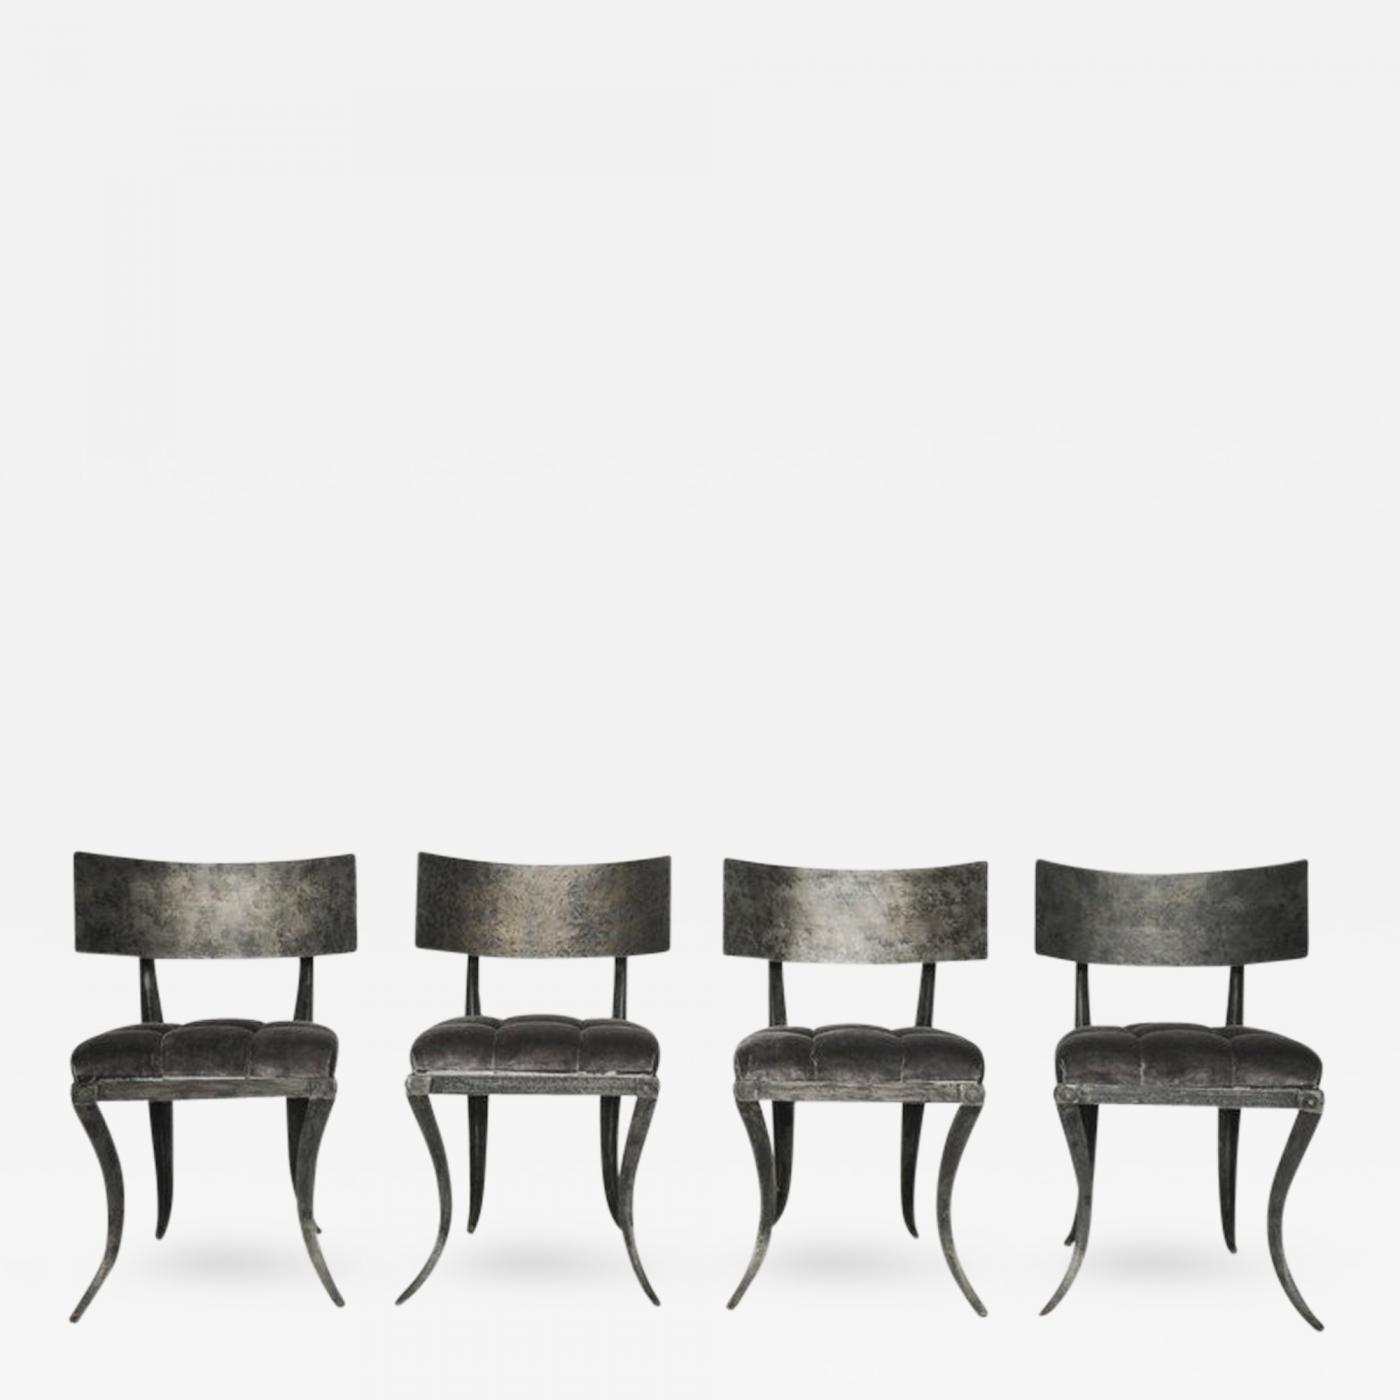 Steel Klismos Chairs